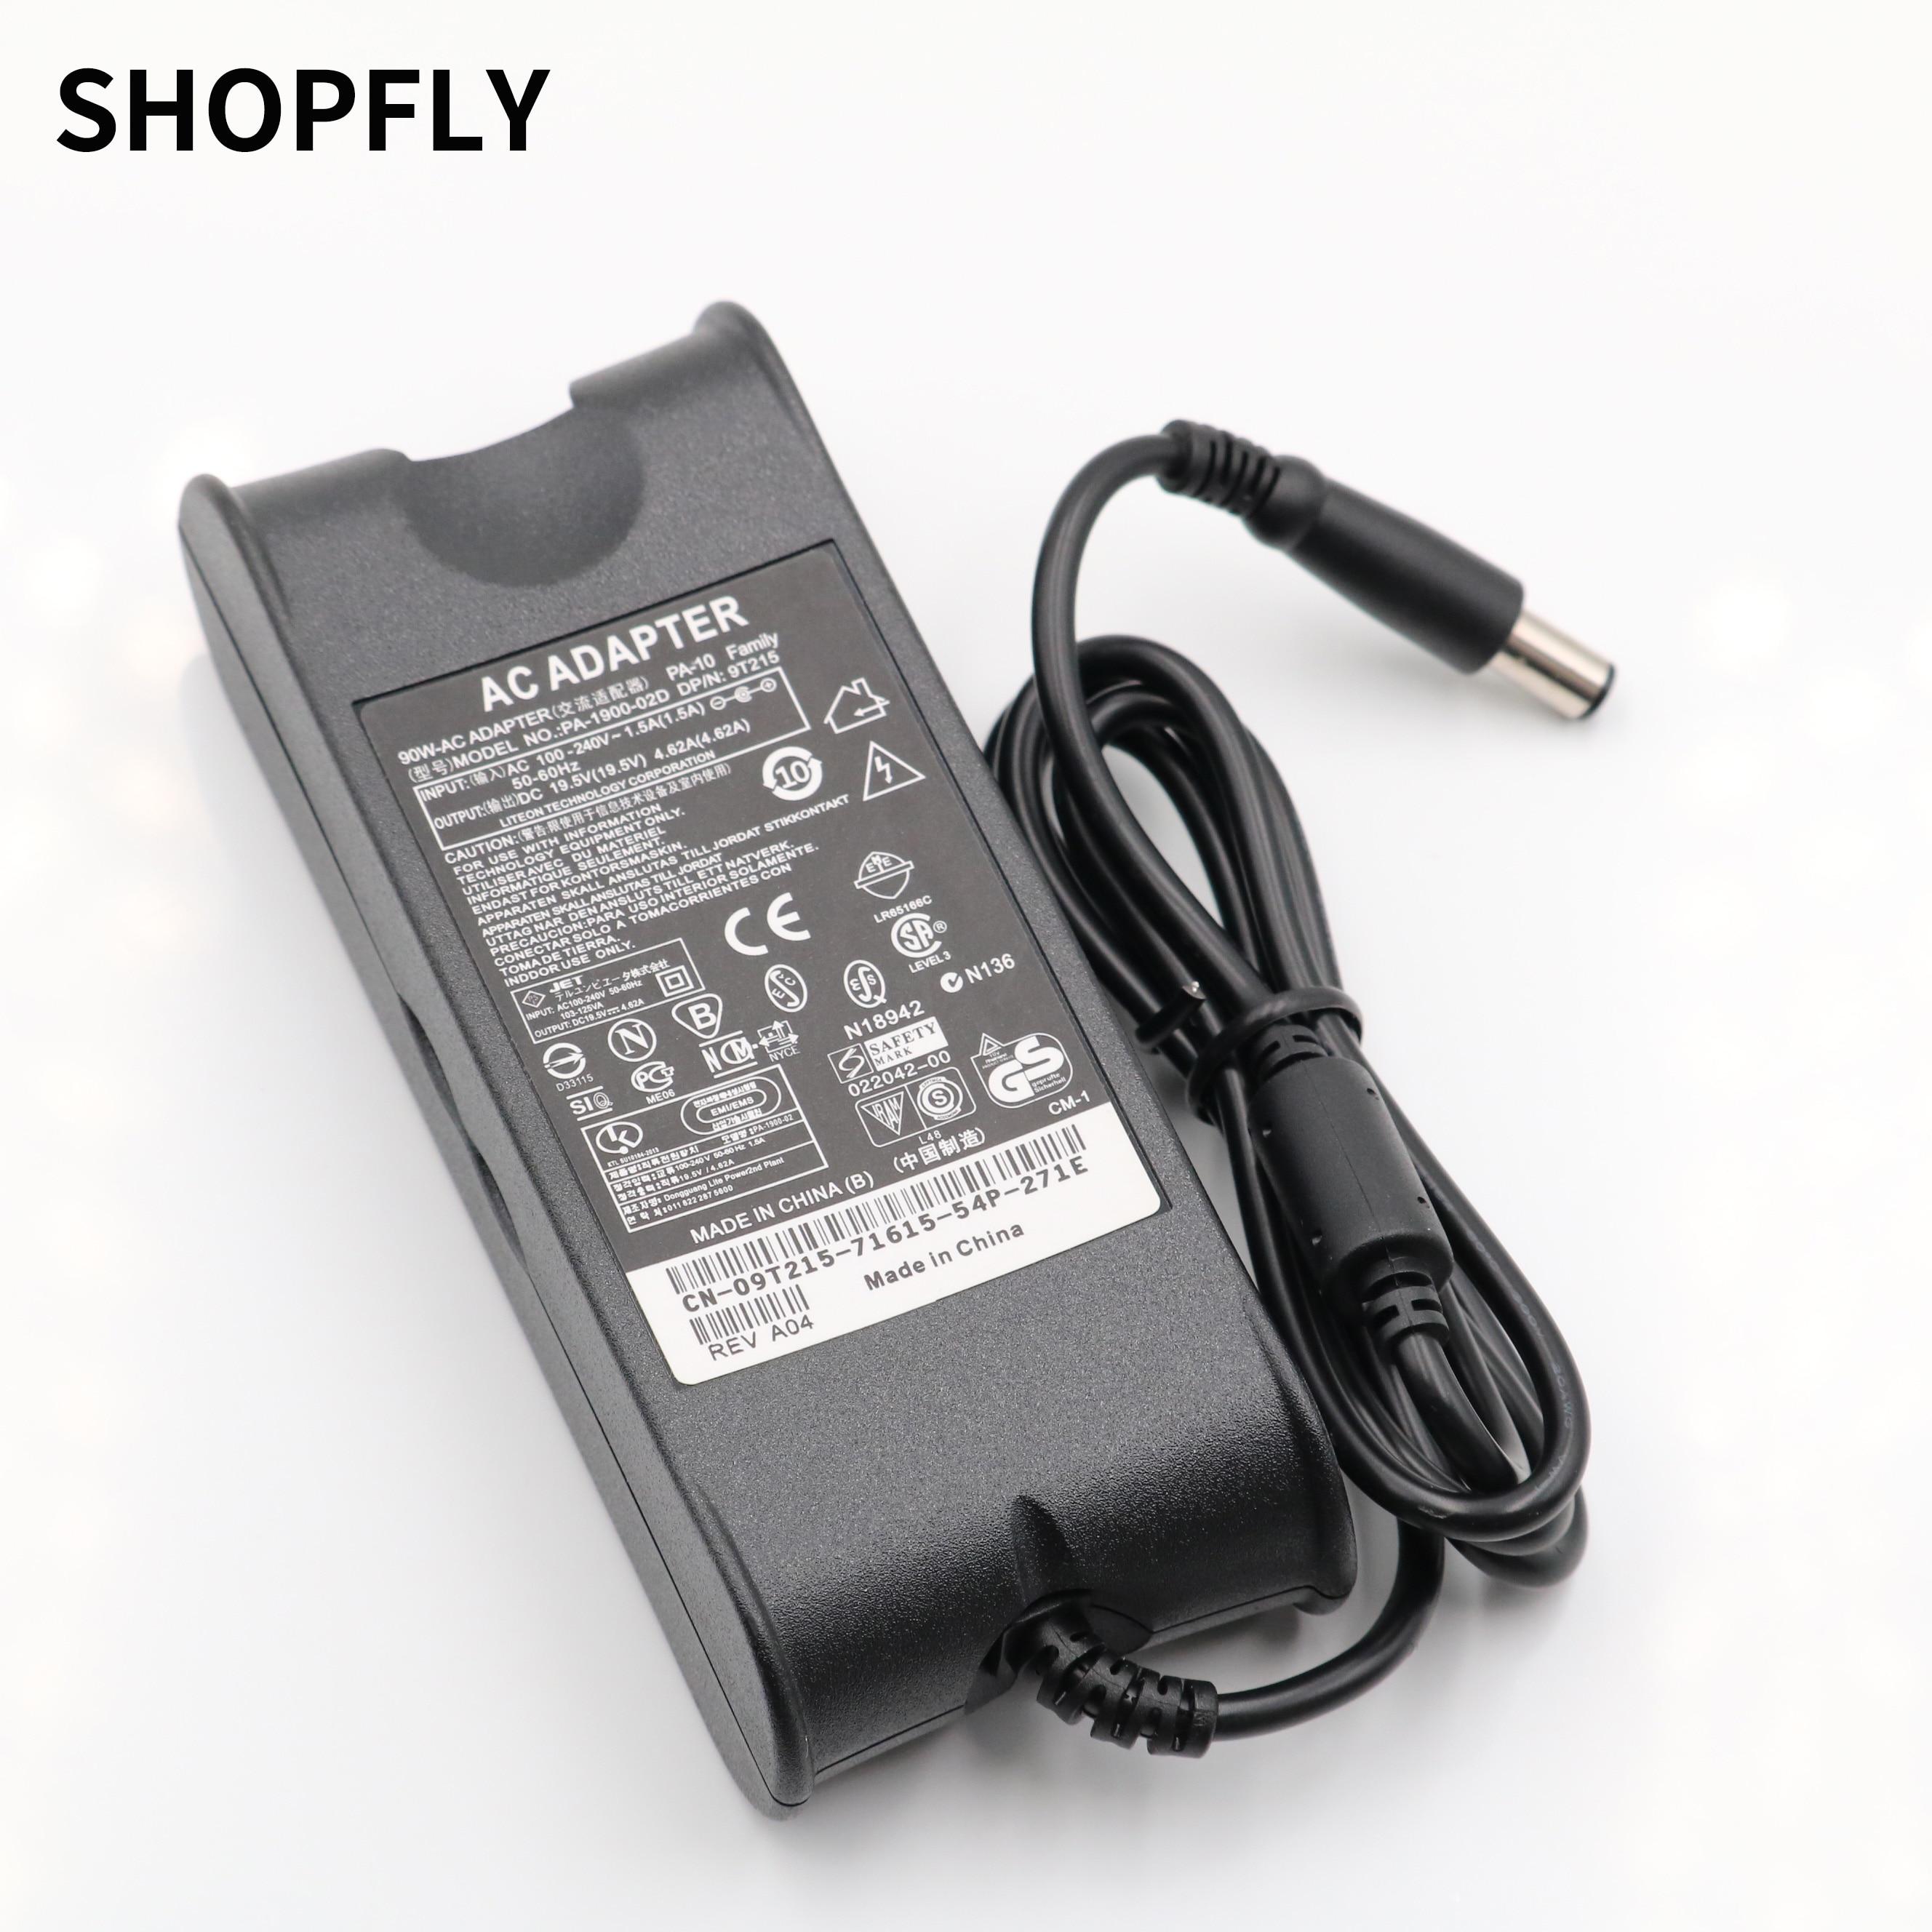 19,5 V 4.62A 7,4*5,0 мм адаптер для ноутбука адаптер переменного тока зарядное устройство для Dell Latitude E6320 E6330 E6400 E6410 E6420 E6430